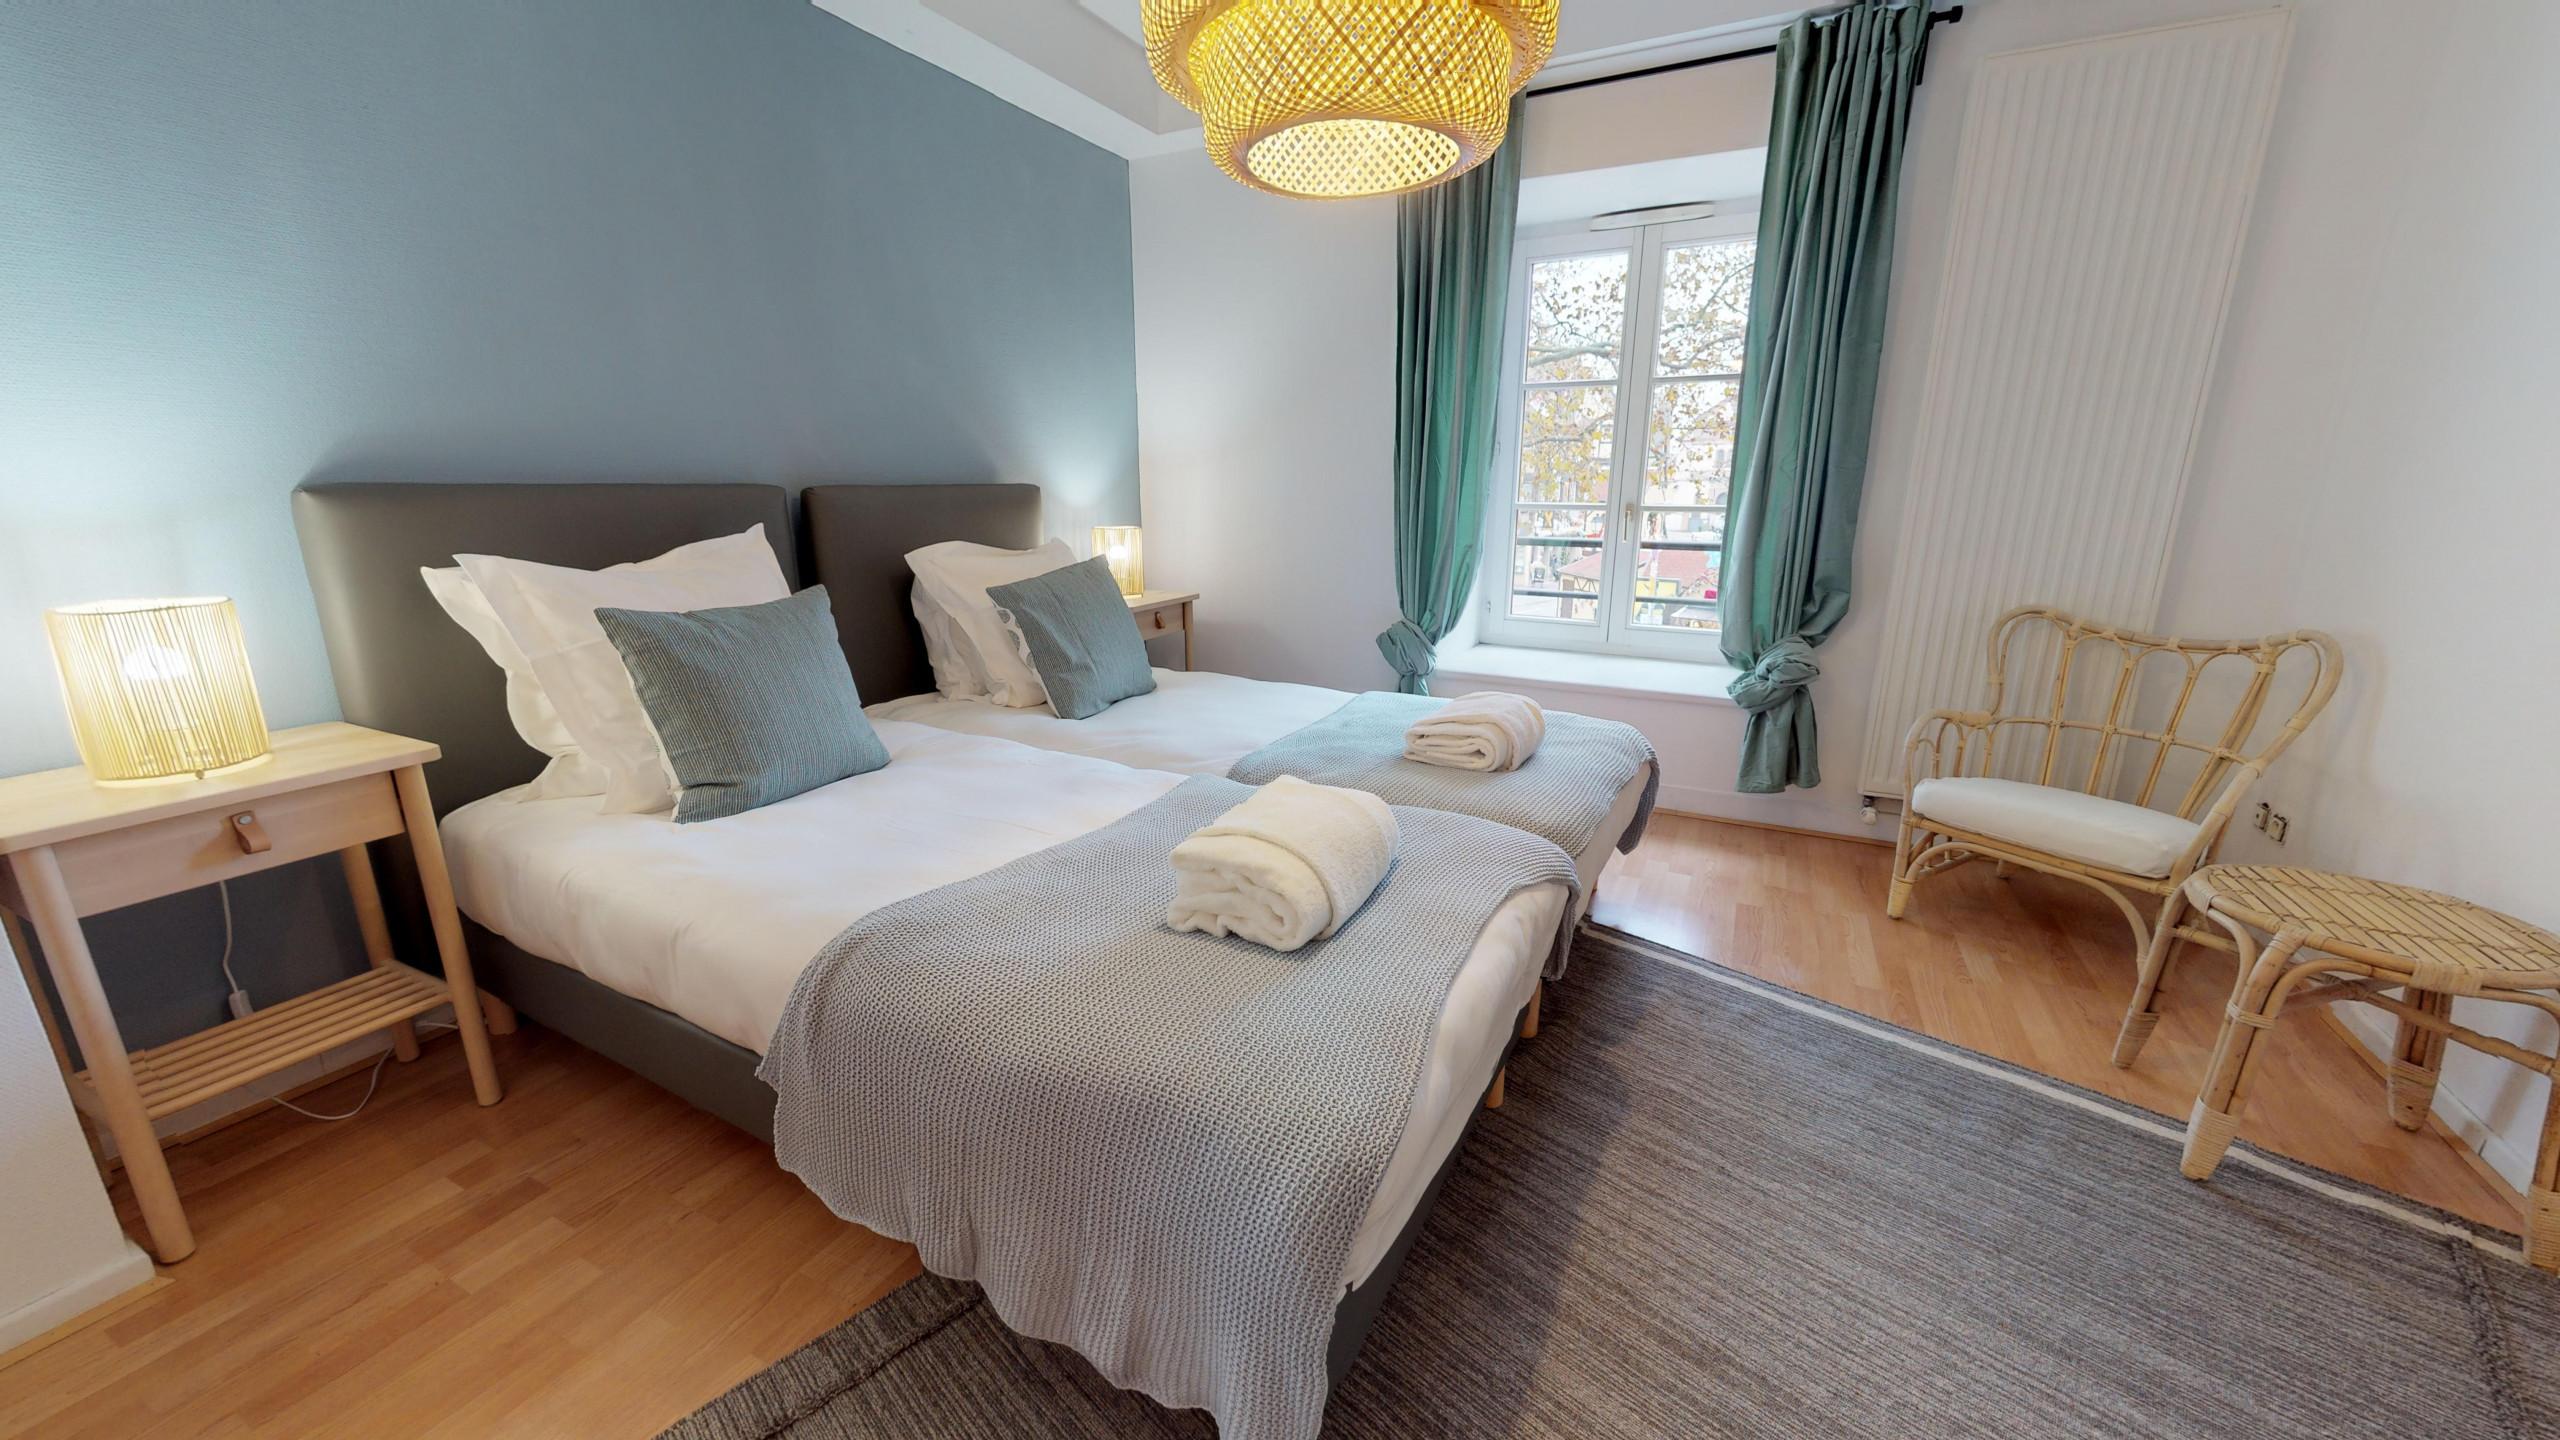 à Colmar - IMMER 4 chambres 10 personnes